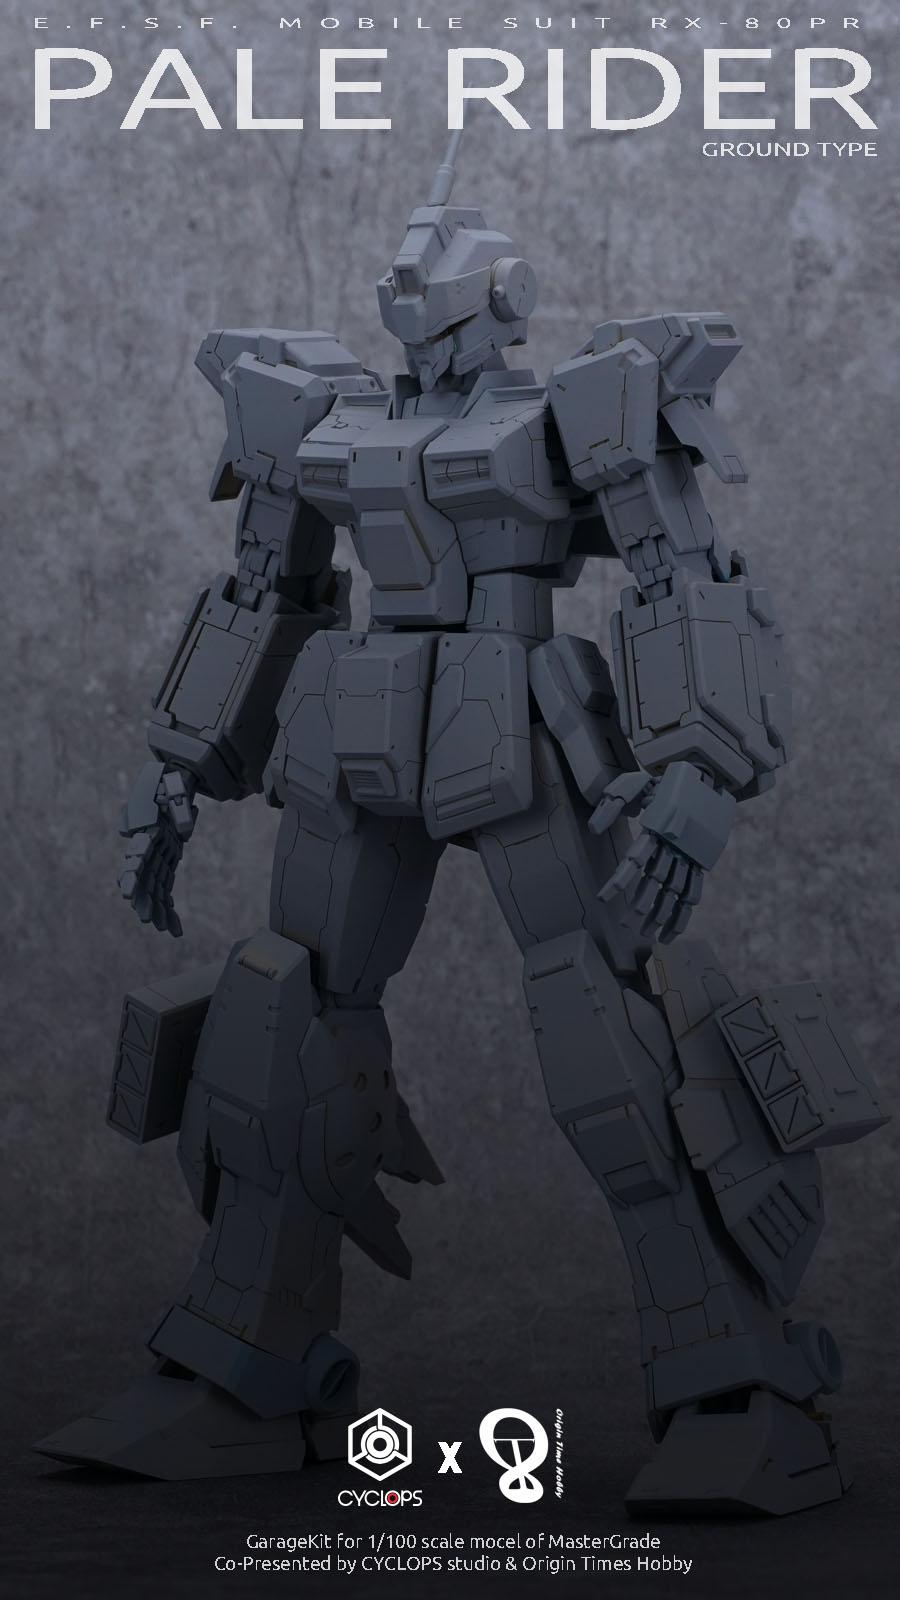 G599_MG_pale_rider_rx80PR_003.jpg